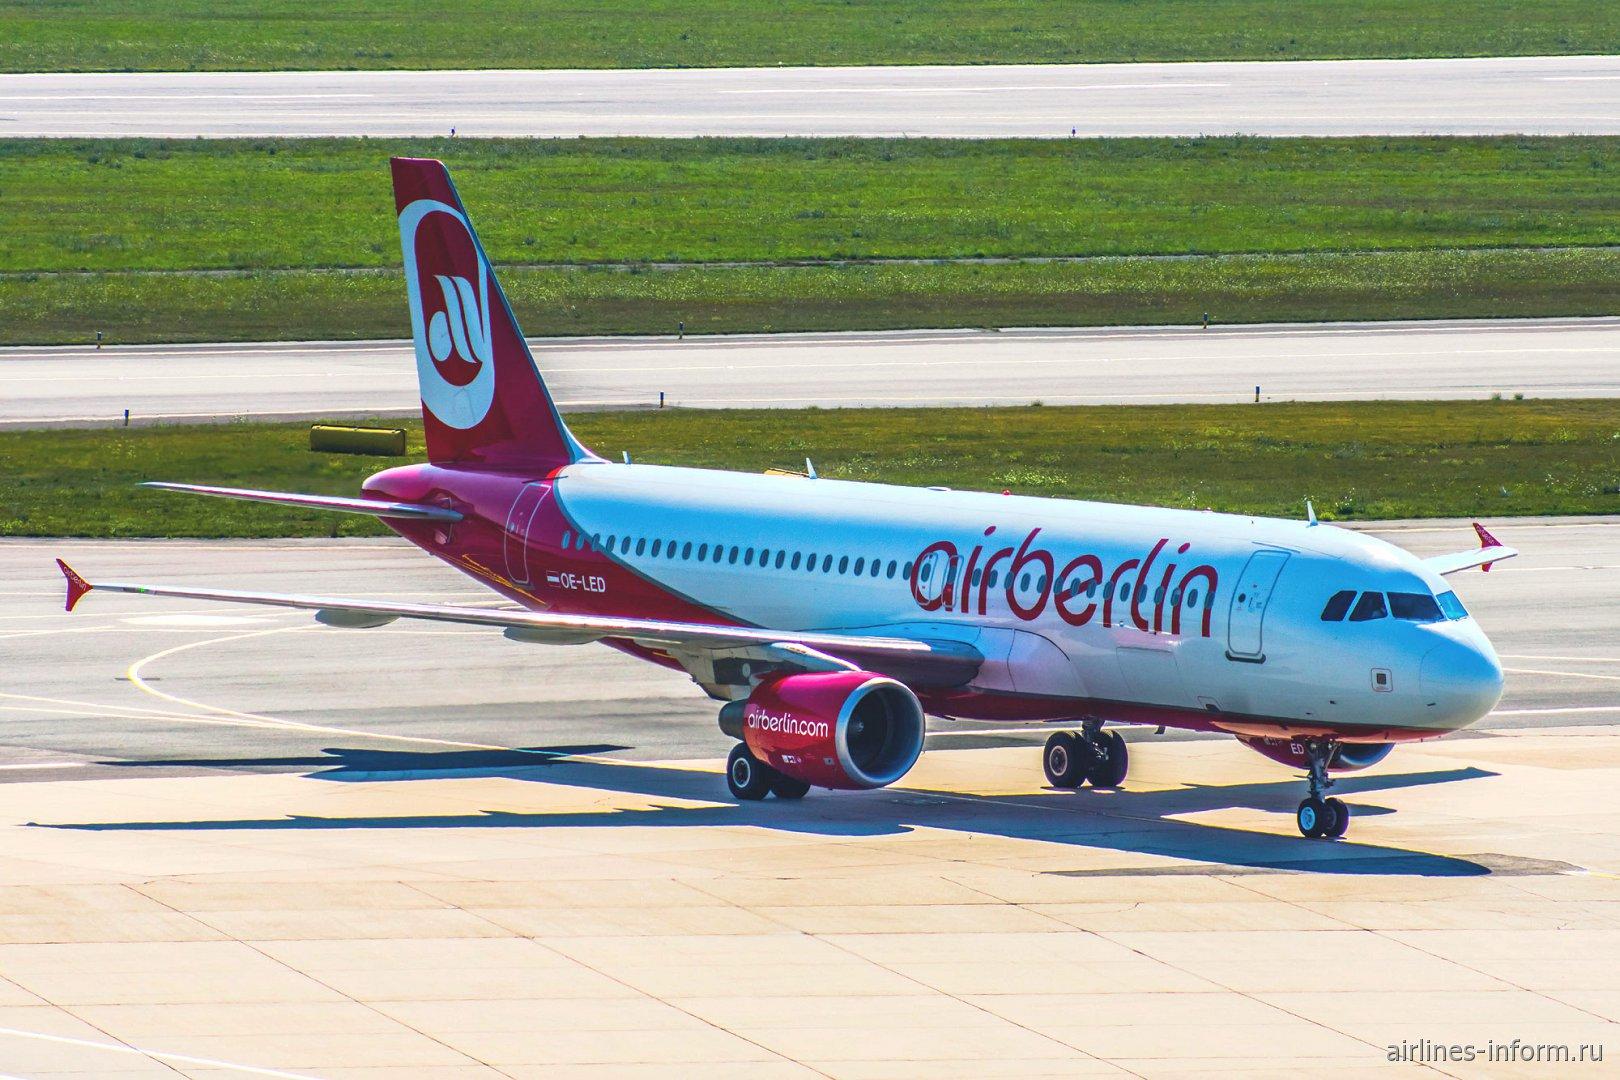 Airbus A320 авиакомпании airberlin в аэропорту Вены